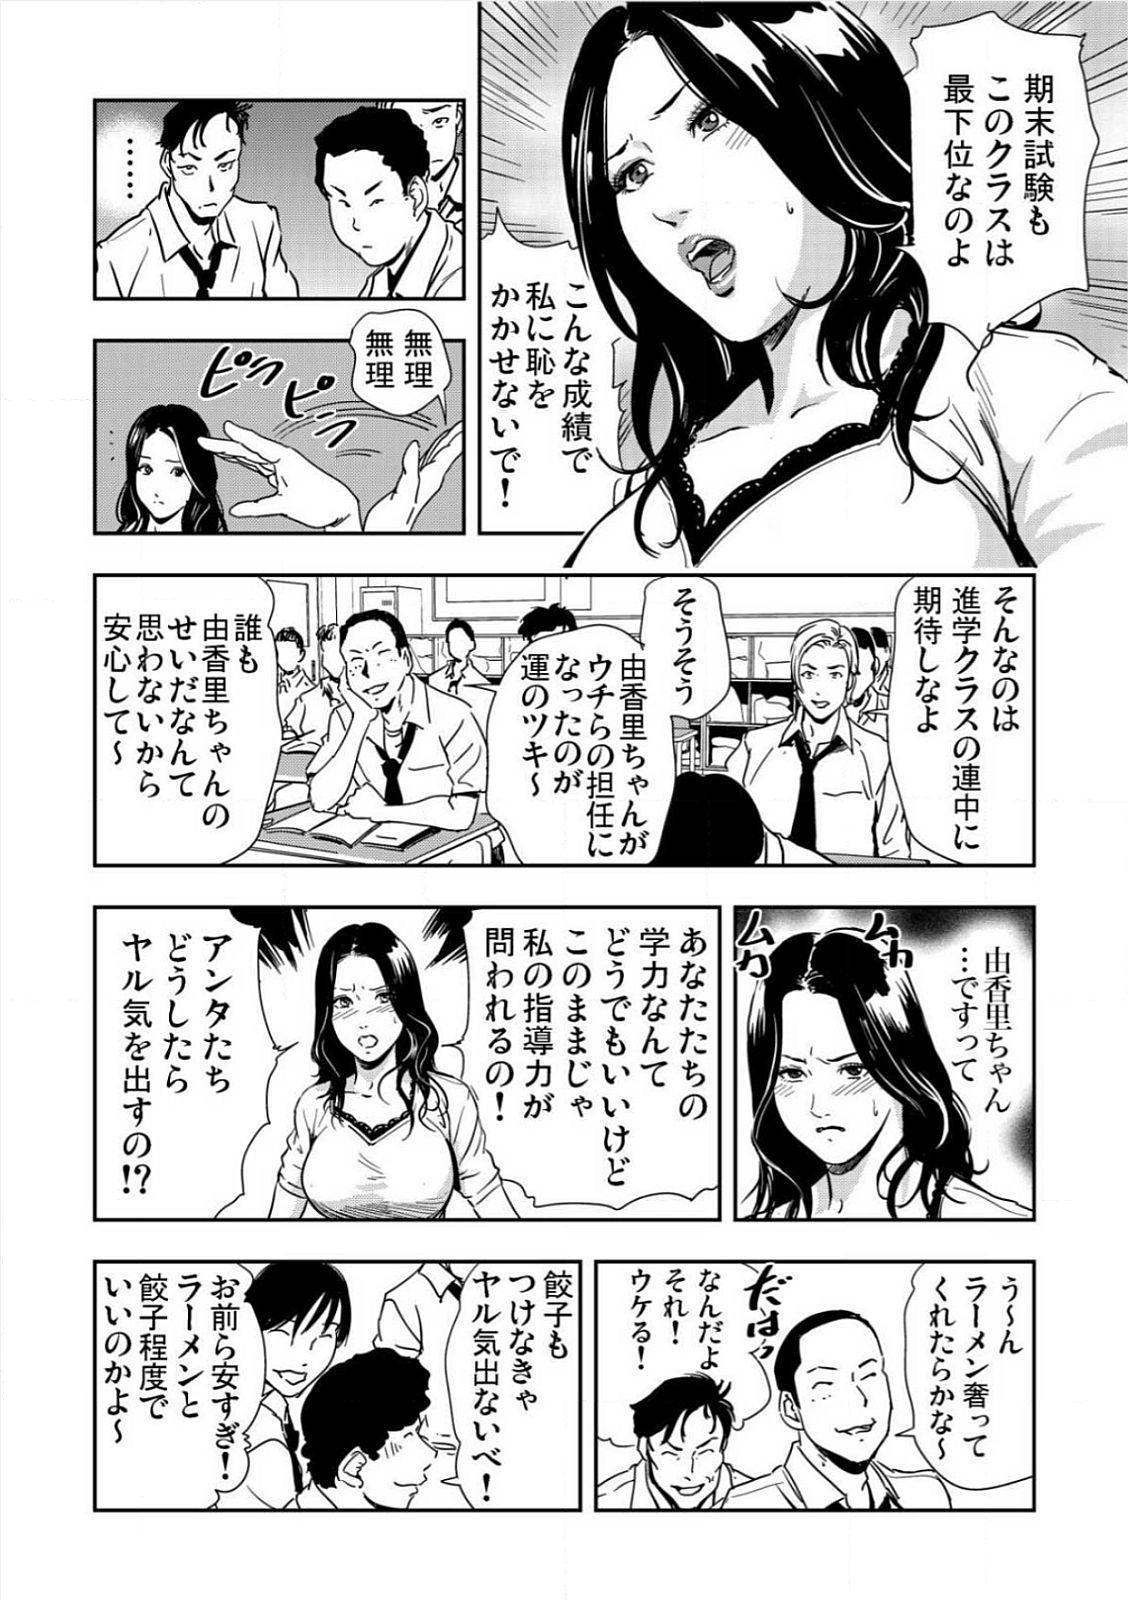 [Misaki Yukihiro] Kyousei Shidou ~Mechakucha ni Kegasarete~ (1)~(6) [Digital] 109